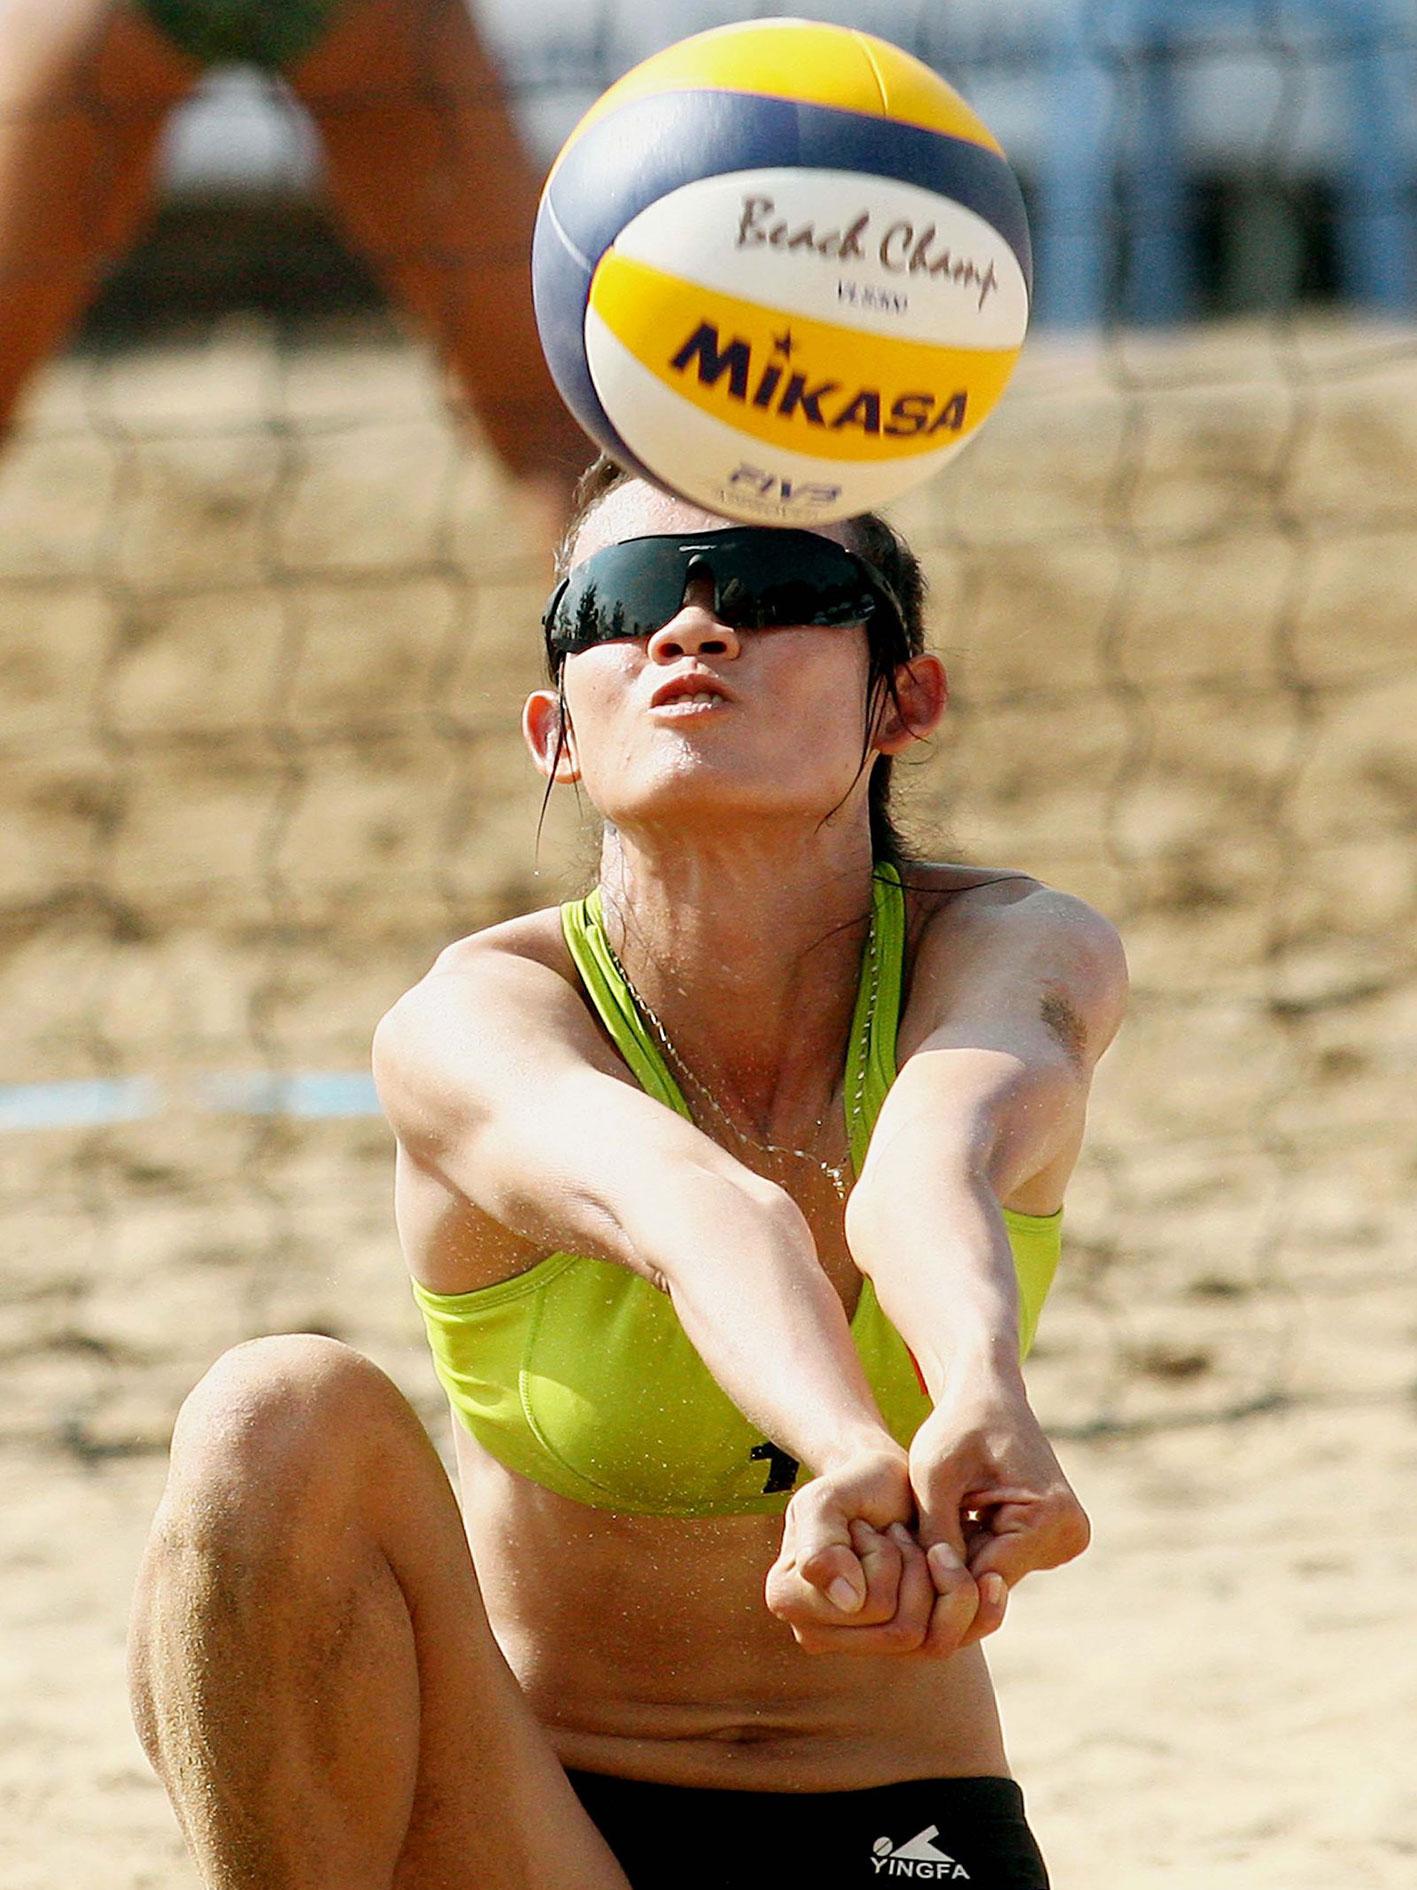 VĐV Nguyễn Thị Diễm Trinh của Bóng chuyền bãi biển Cần Thơ hiện được triệu tập vào đội trẻ quốc gia. Ảnh: AN CHI